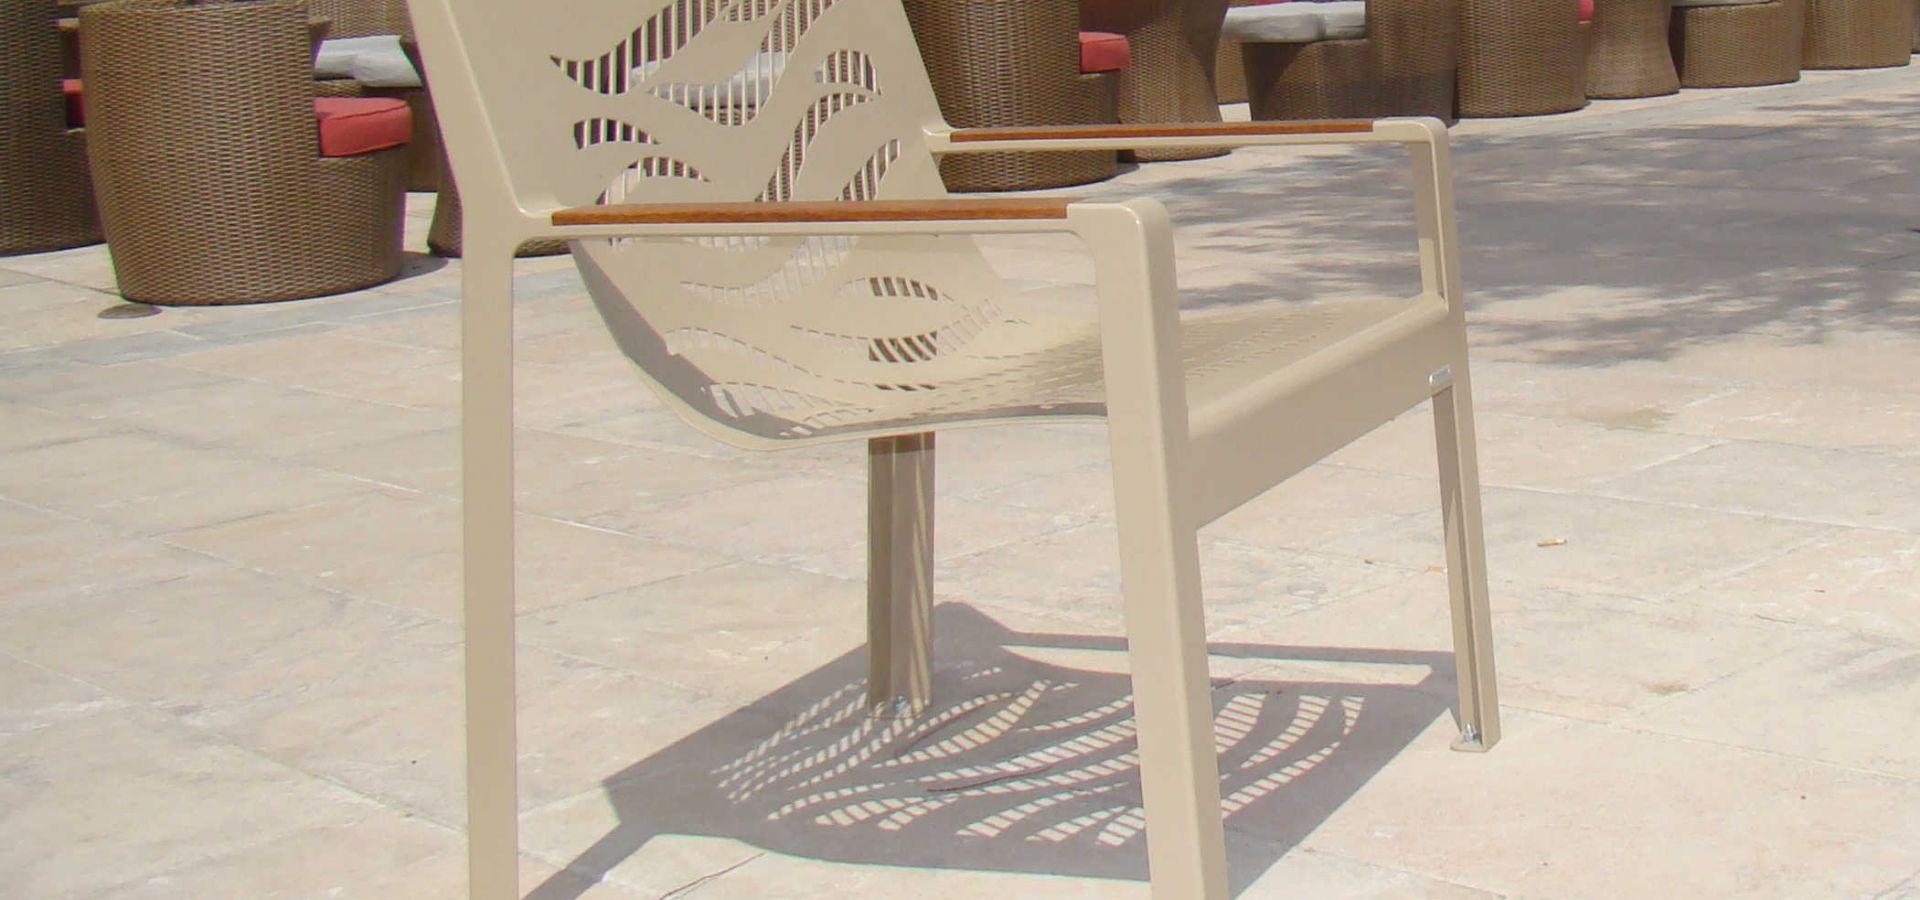 France-Grau-D'Agde-front-de-mer-mobilier-urbain-design-ombrière-Metalco